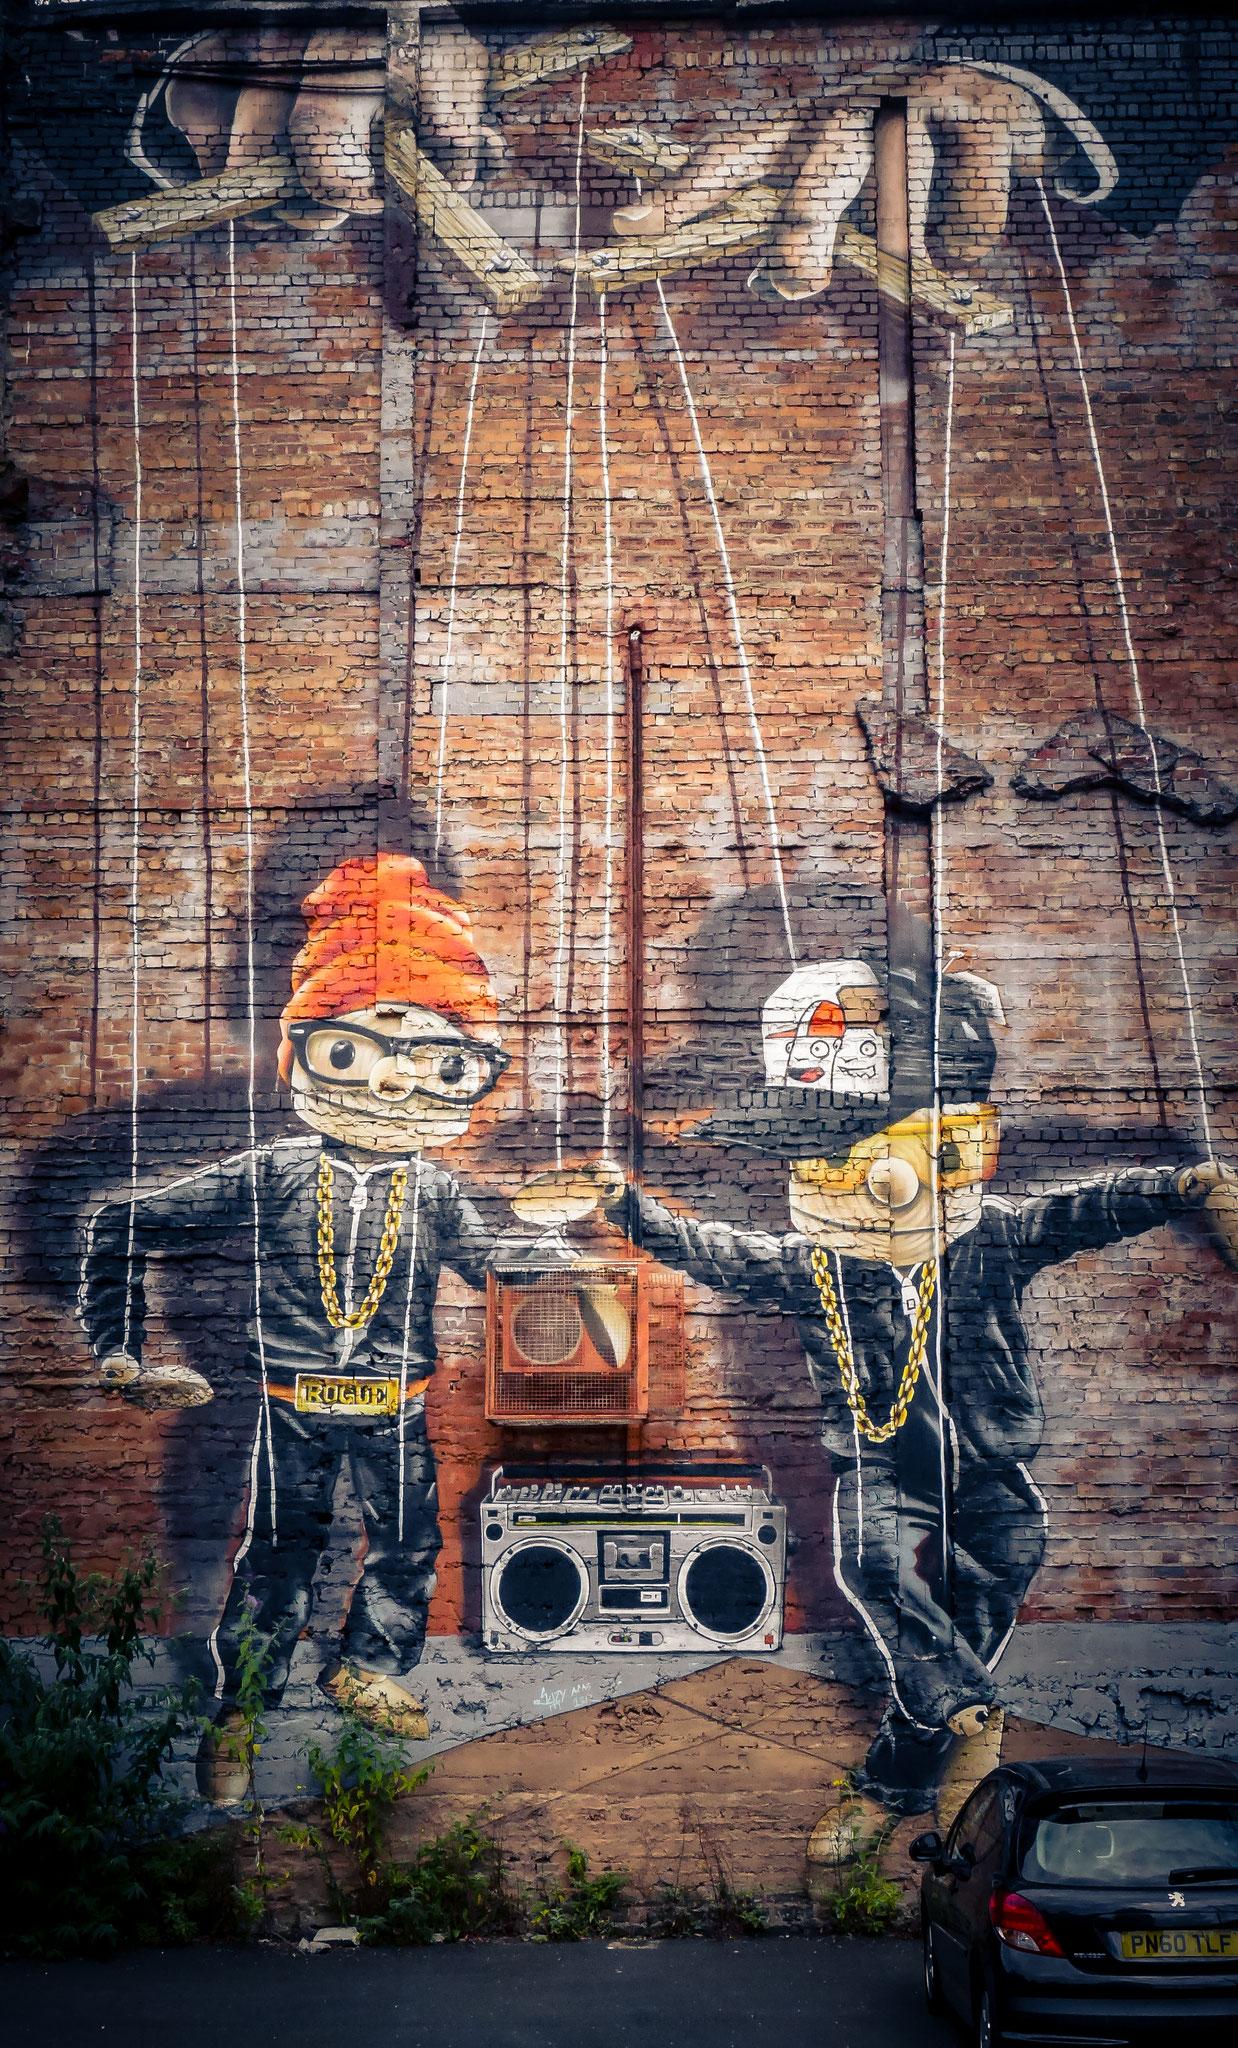 Kunst auf de nStraßen von Glasgow - Graffiti